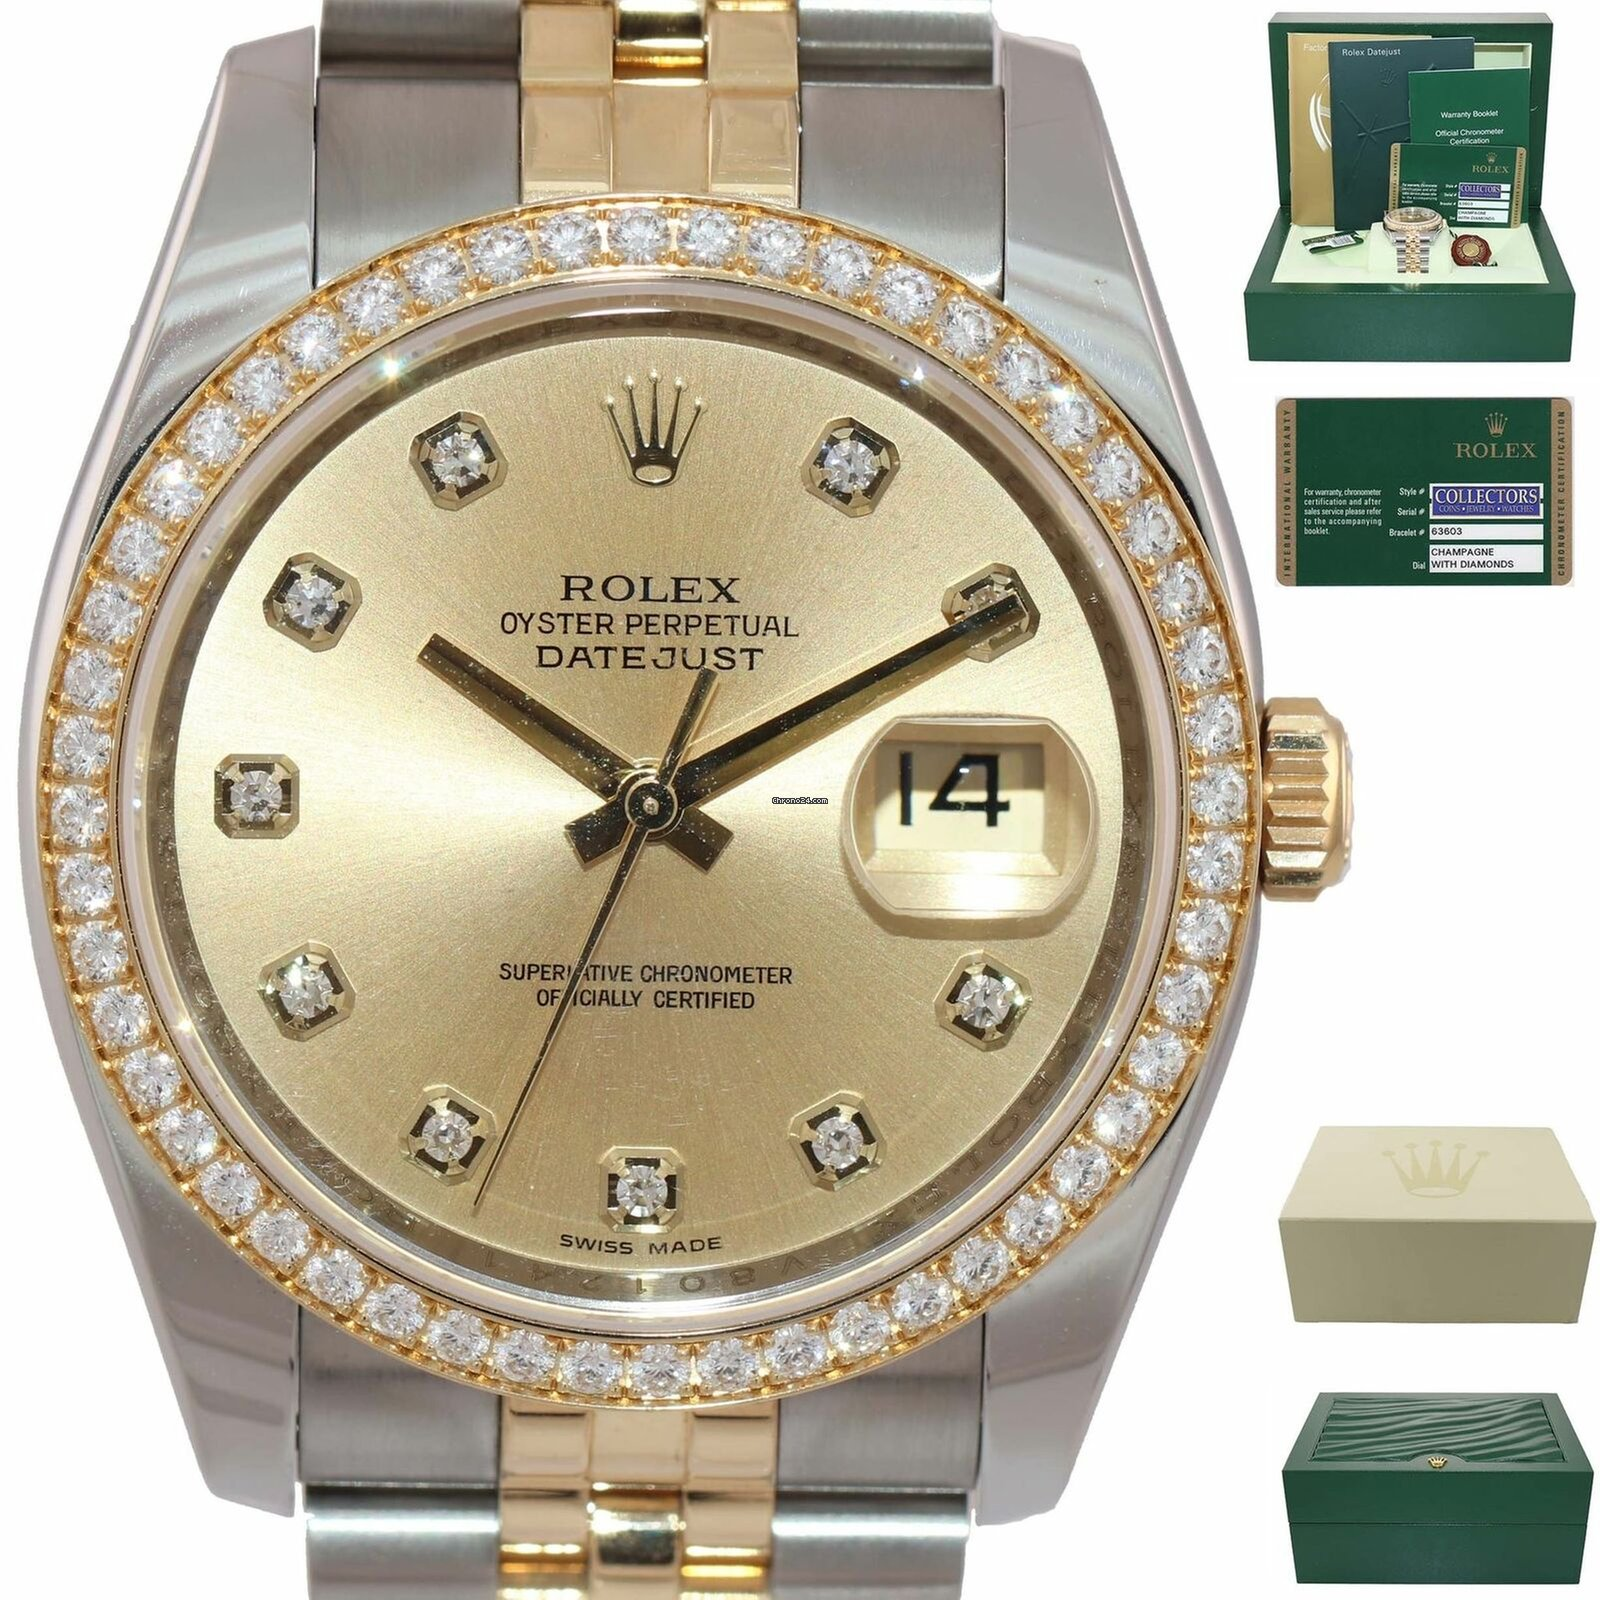 6054613e5ef Rolex FACTORY DIAMONDS Rolex Date Just Super Jubilee 116243... à vendre  pour 11.177 € par un Trusted Seller sur Chrono24